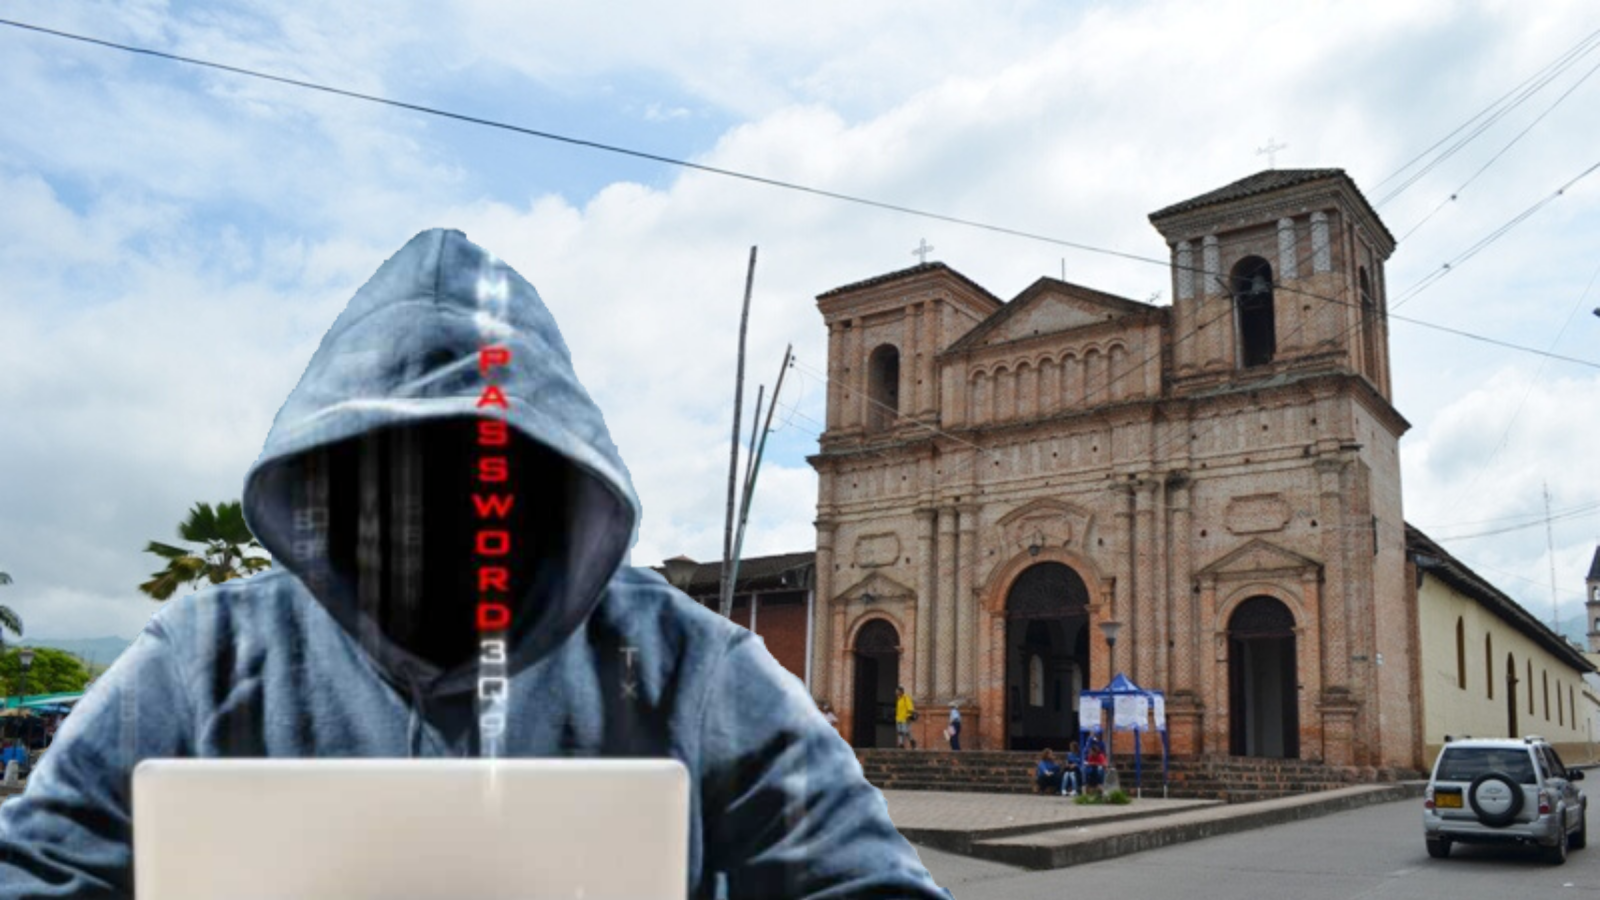 historias/huila/robo-cibernetico-al-municipio-de-garzon